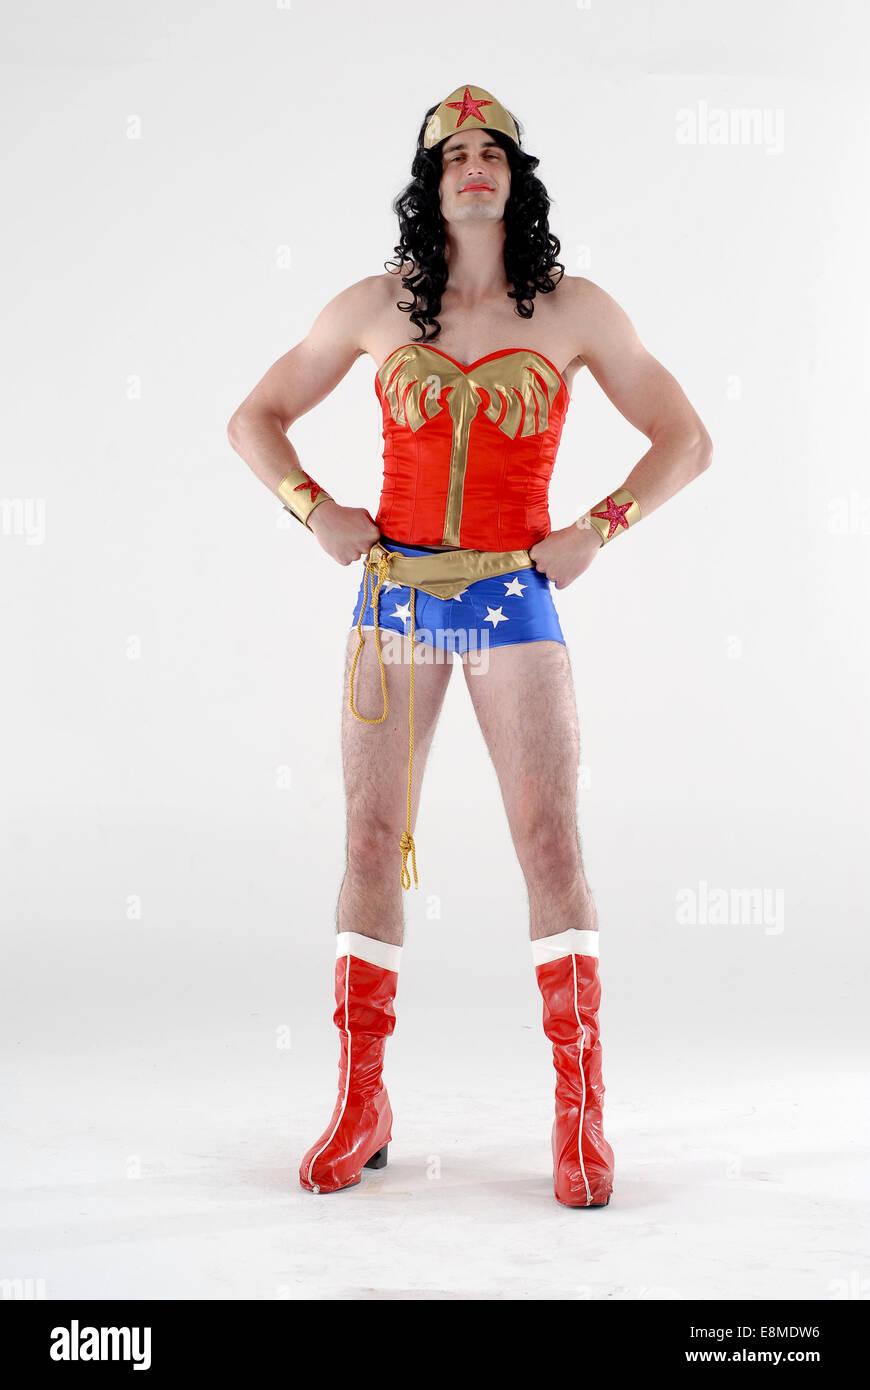 Dans l\u0027homme fancy dress costumes dans une comédie DC comics wonder woman  costume de super héros, avec des bottes rouges, short, perruque et haut  rouge